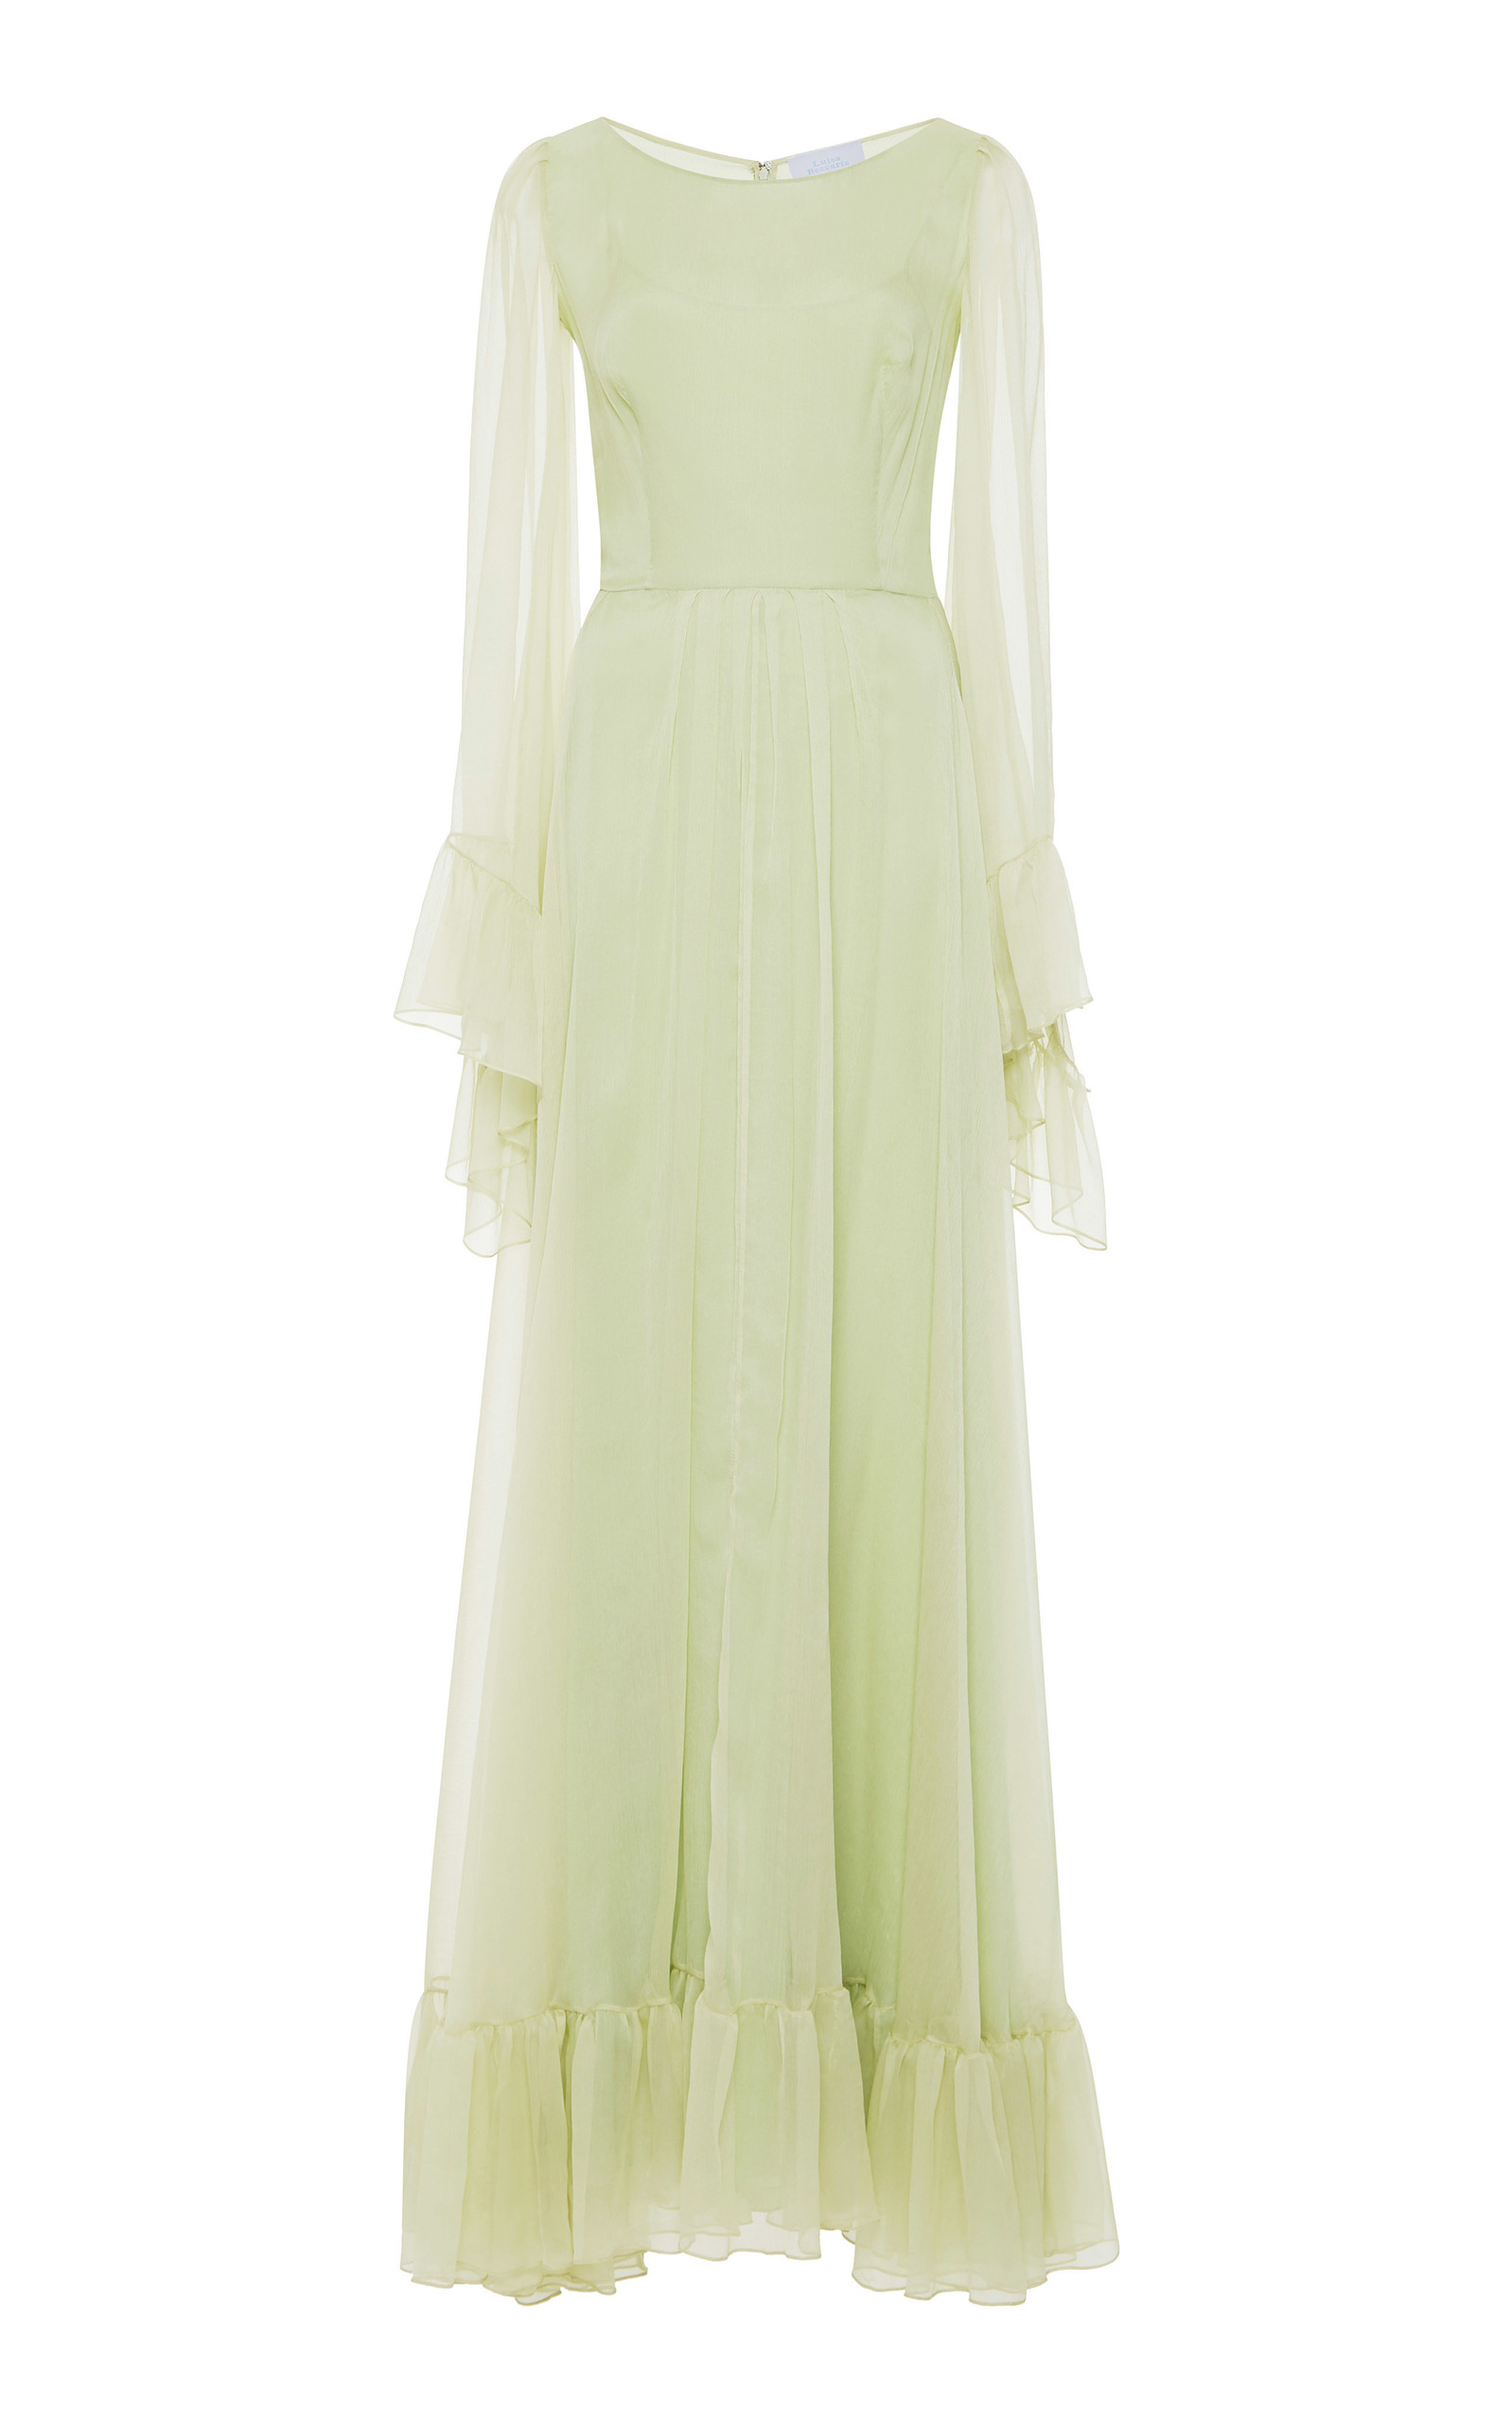 87900baced791 Long Sleeve Chiffon Dress by Luisa Beccaria | Moda Operandi